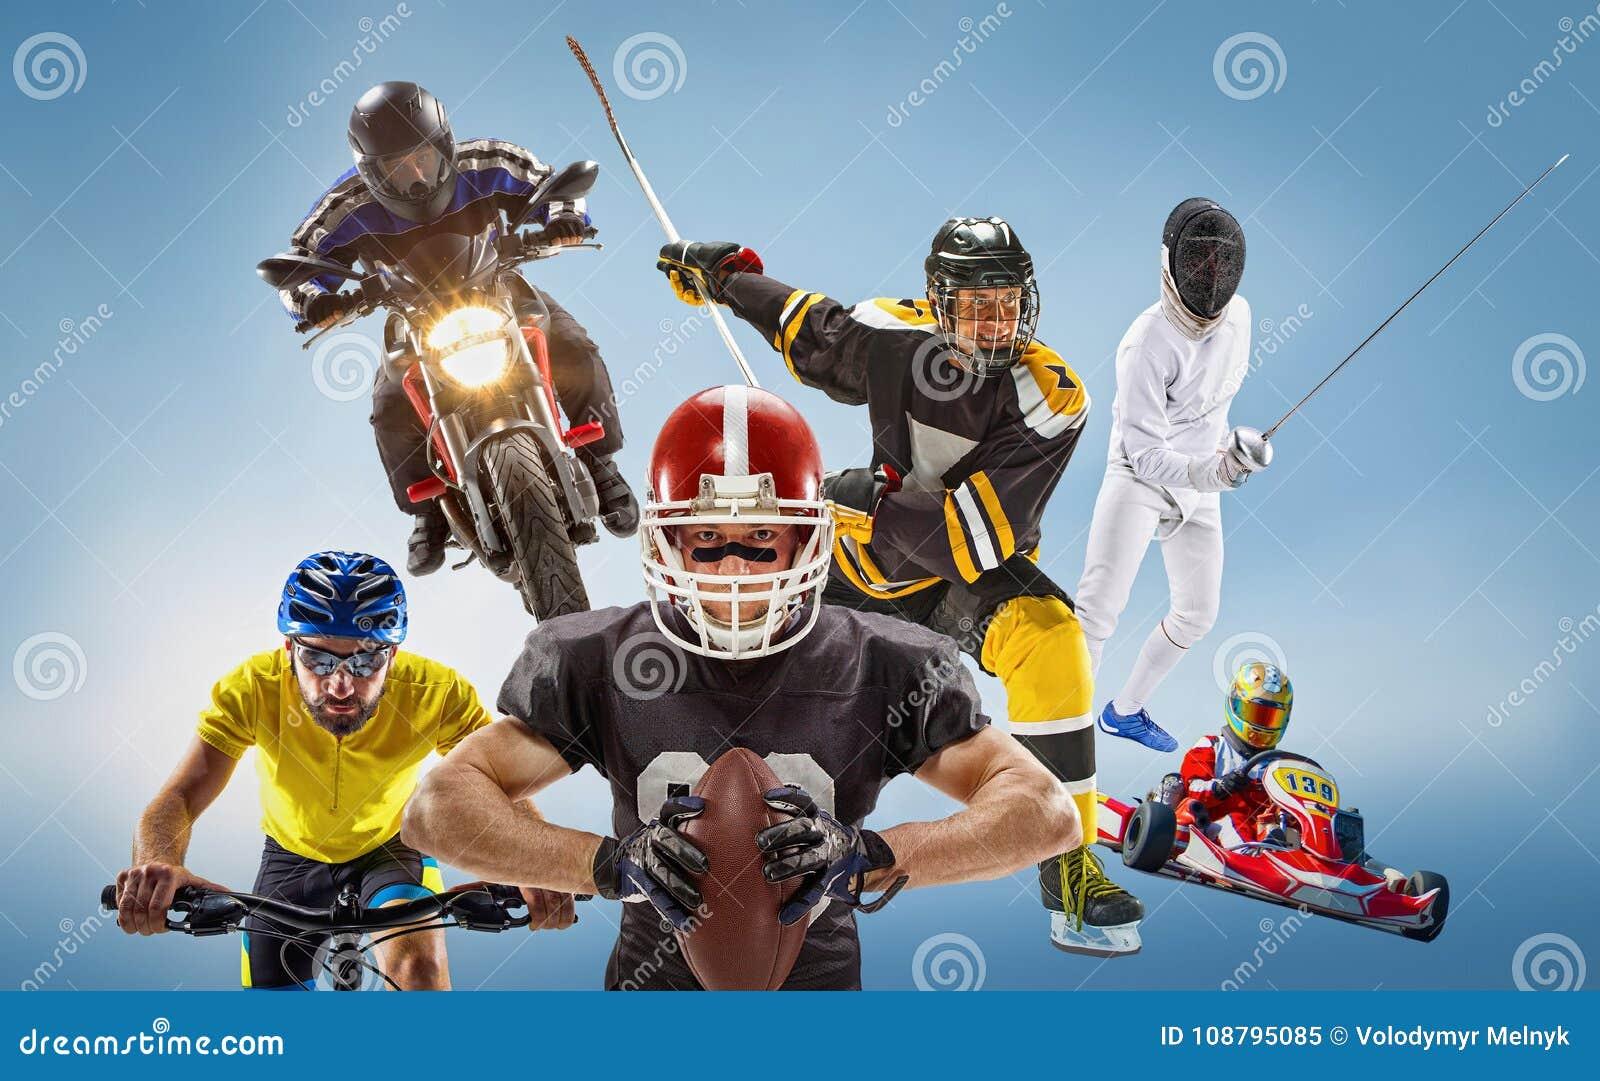 Konceptualny wielo- sporta kolaż z futbolem amerykańskim, hokej, cyclotourism, fechtunek, motorowy sport